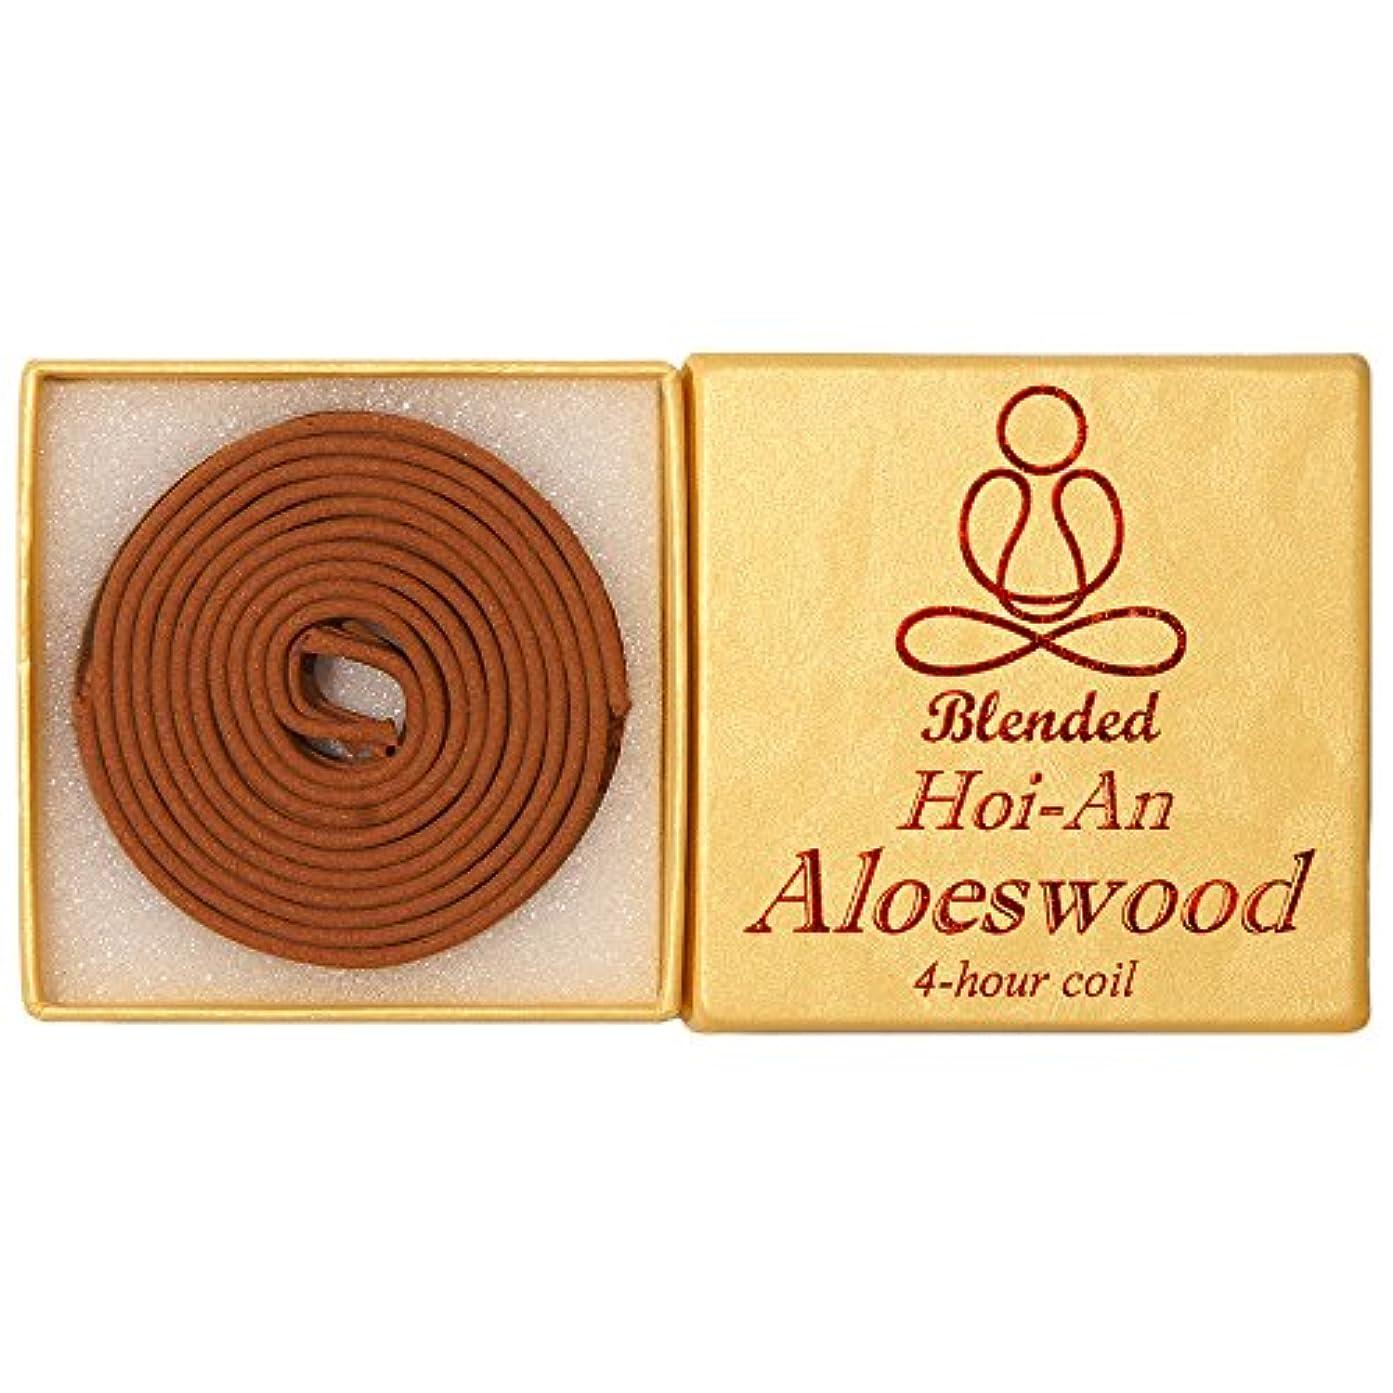 農民大人生き返らせるBlended Hoi-An Aloeswood - 12 pieces 4-hour Coil - 100% natural - GHC152T